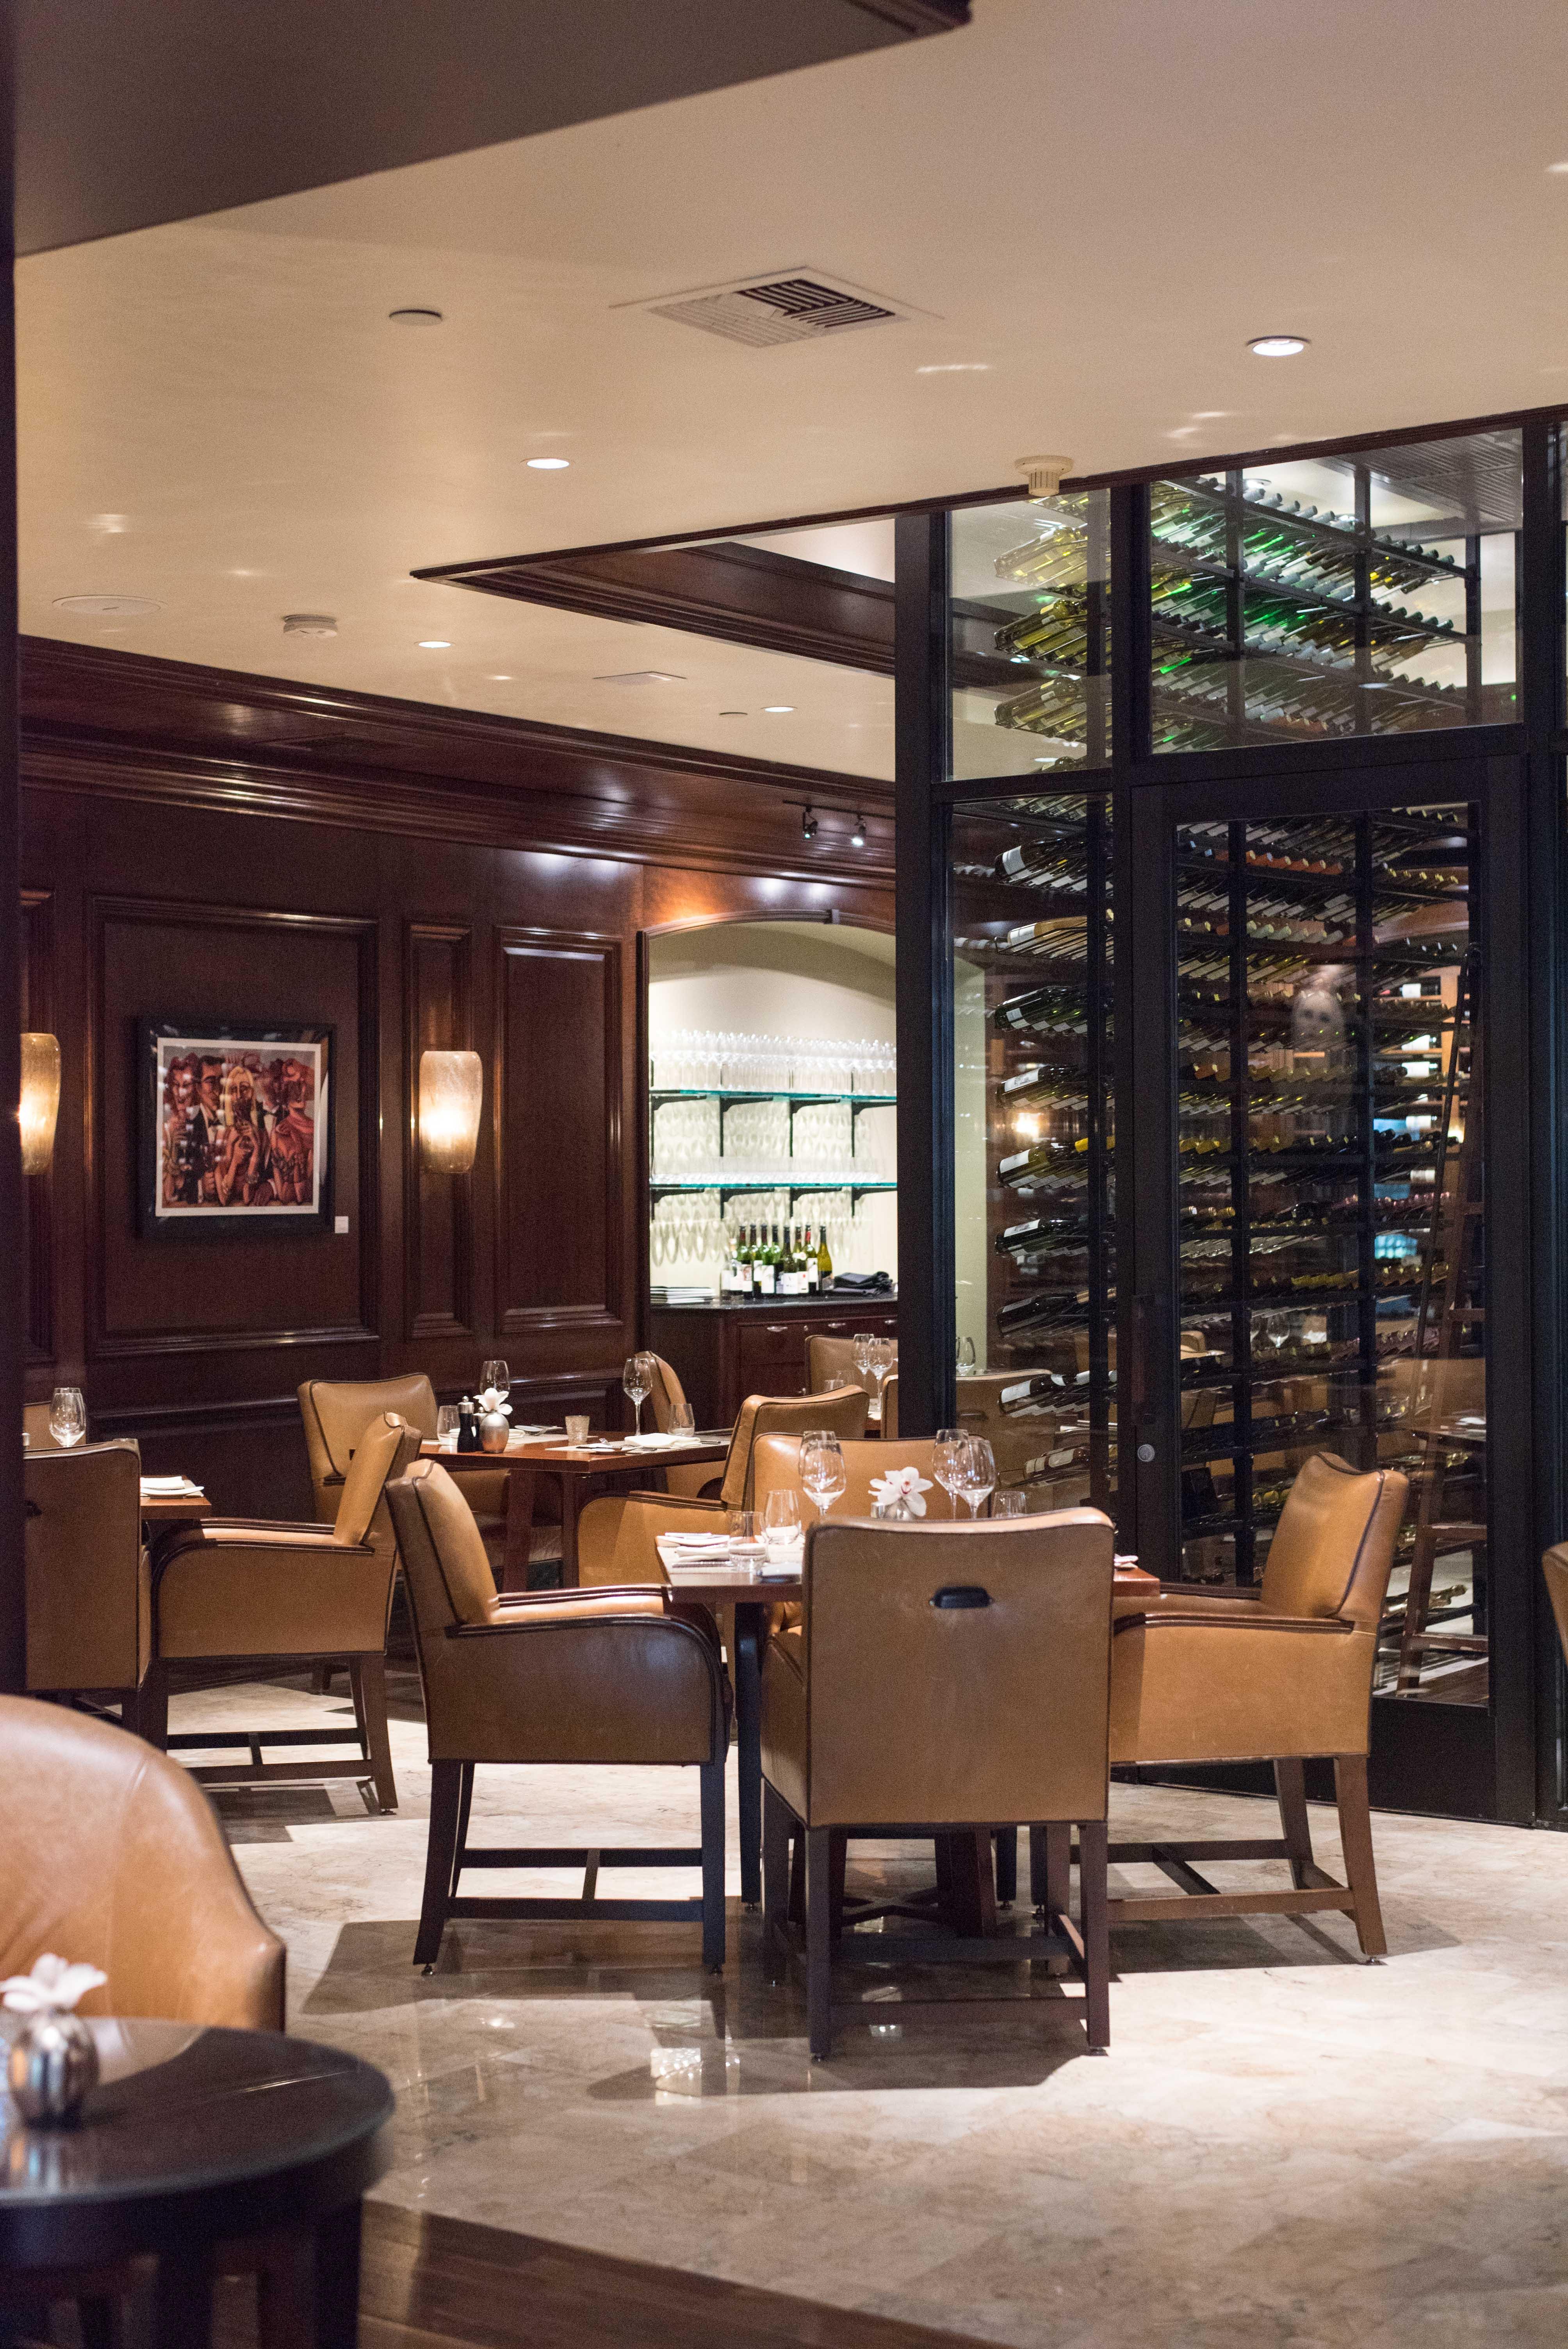 Ritz-Carlton Laguna Niguel, enoSTEAK